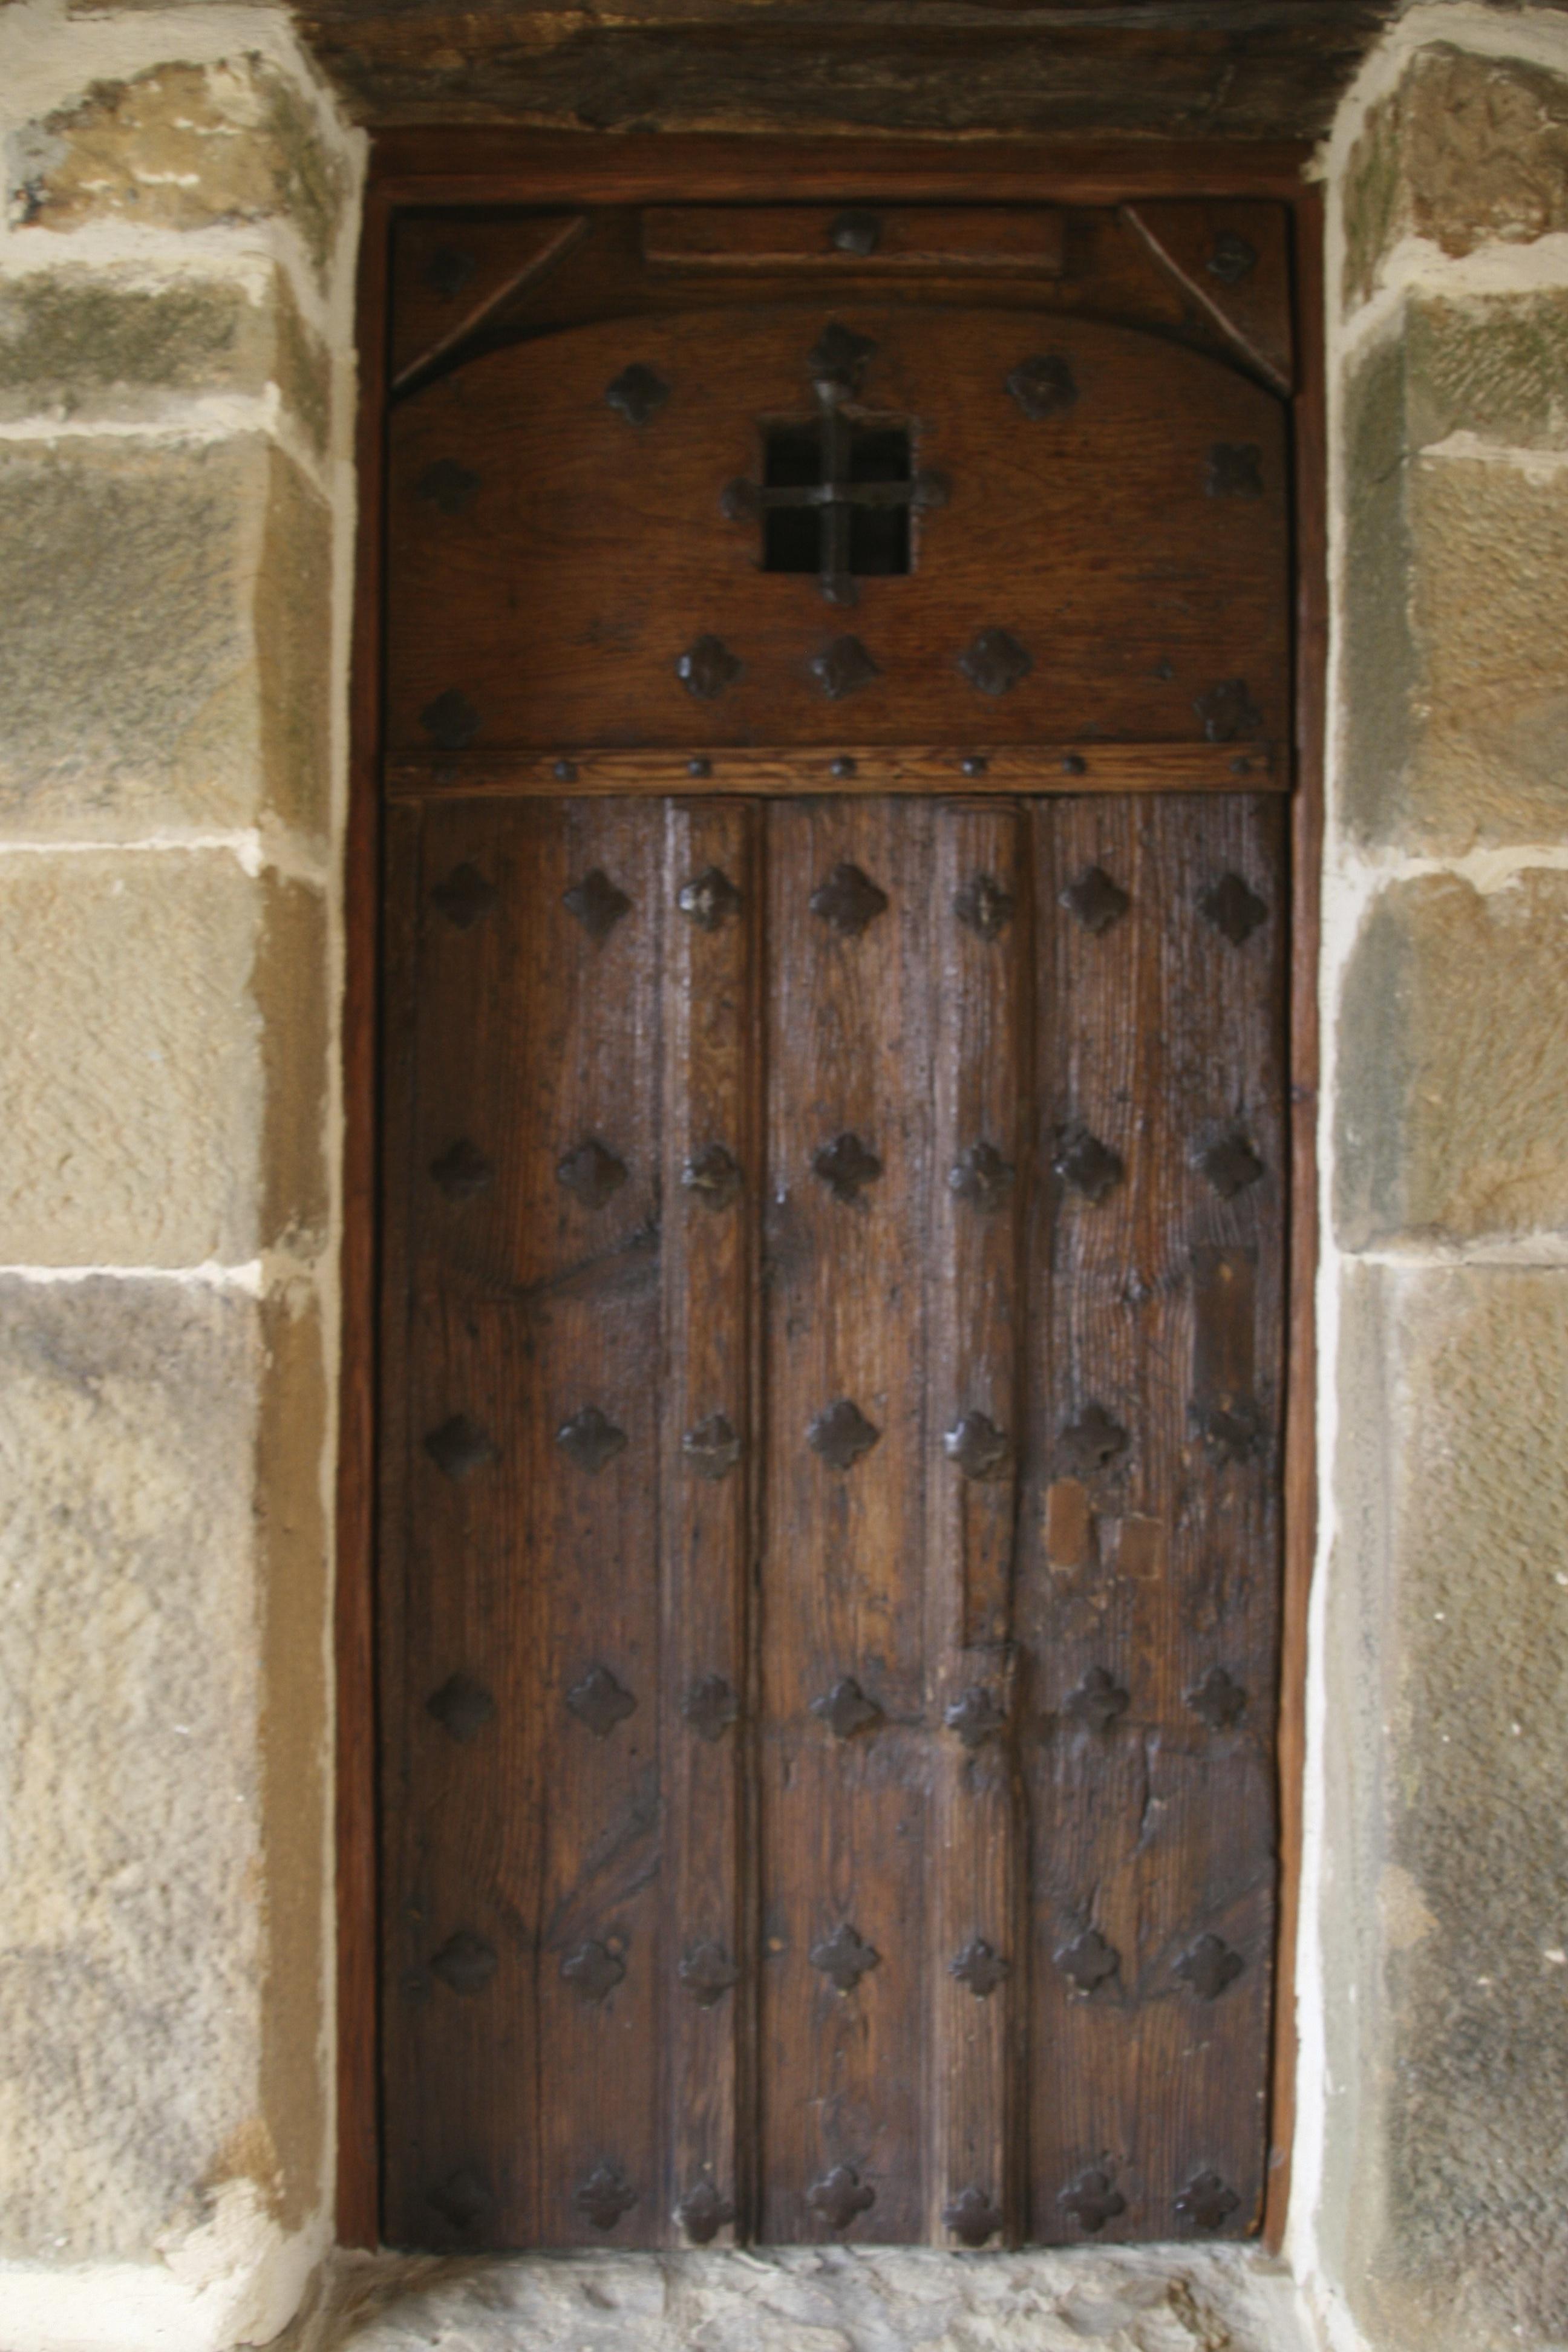 https://www.navamuel.com/images/Edificios/Puerta.jpg